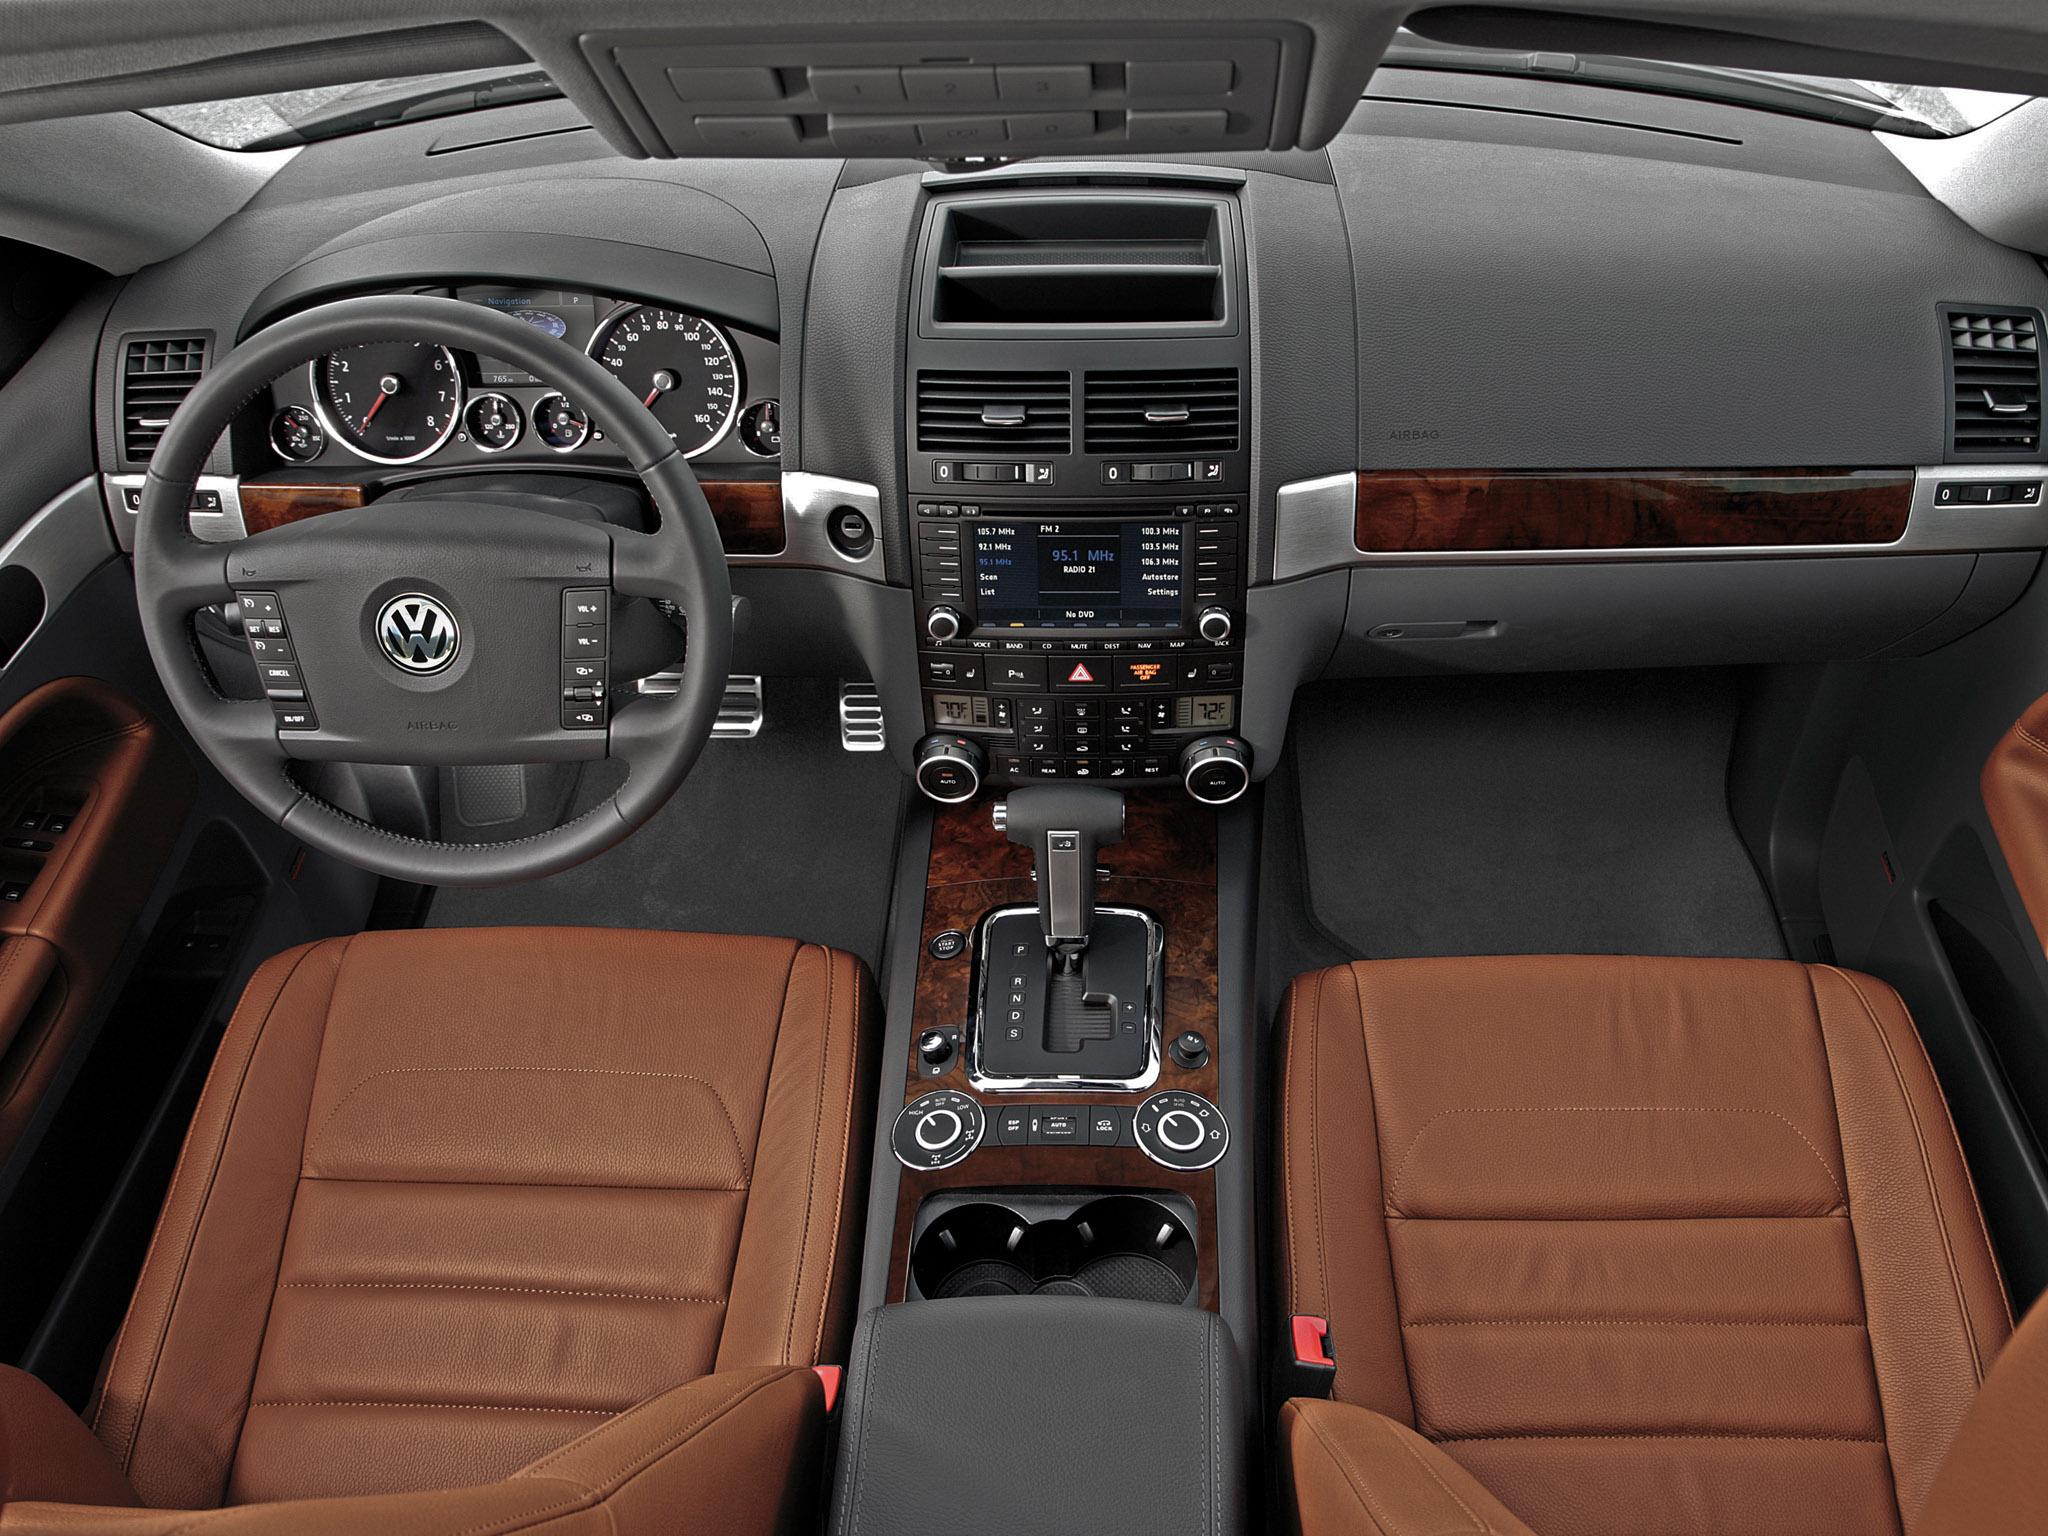 2009 Volkswagen Jetta Dieselvolkswagen Touareg V6 Tdi Clean Diesel 2008 Fuse Box Photo 01